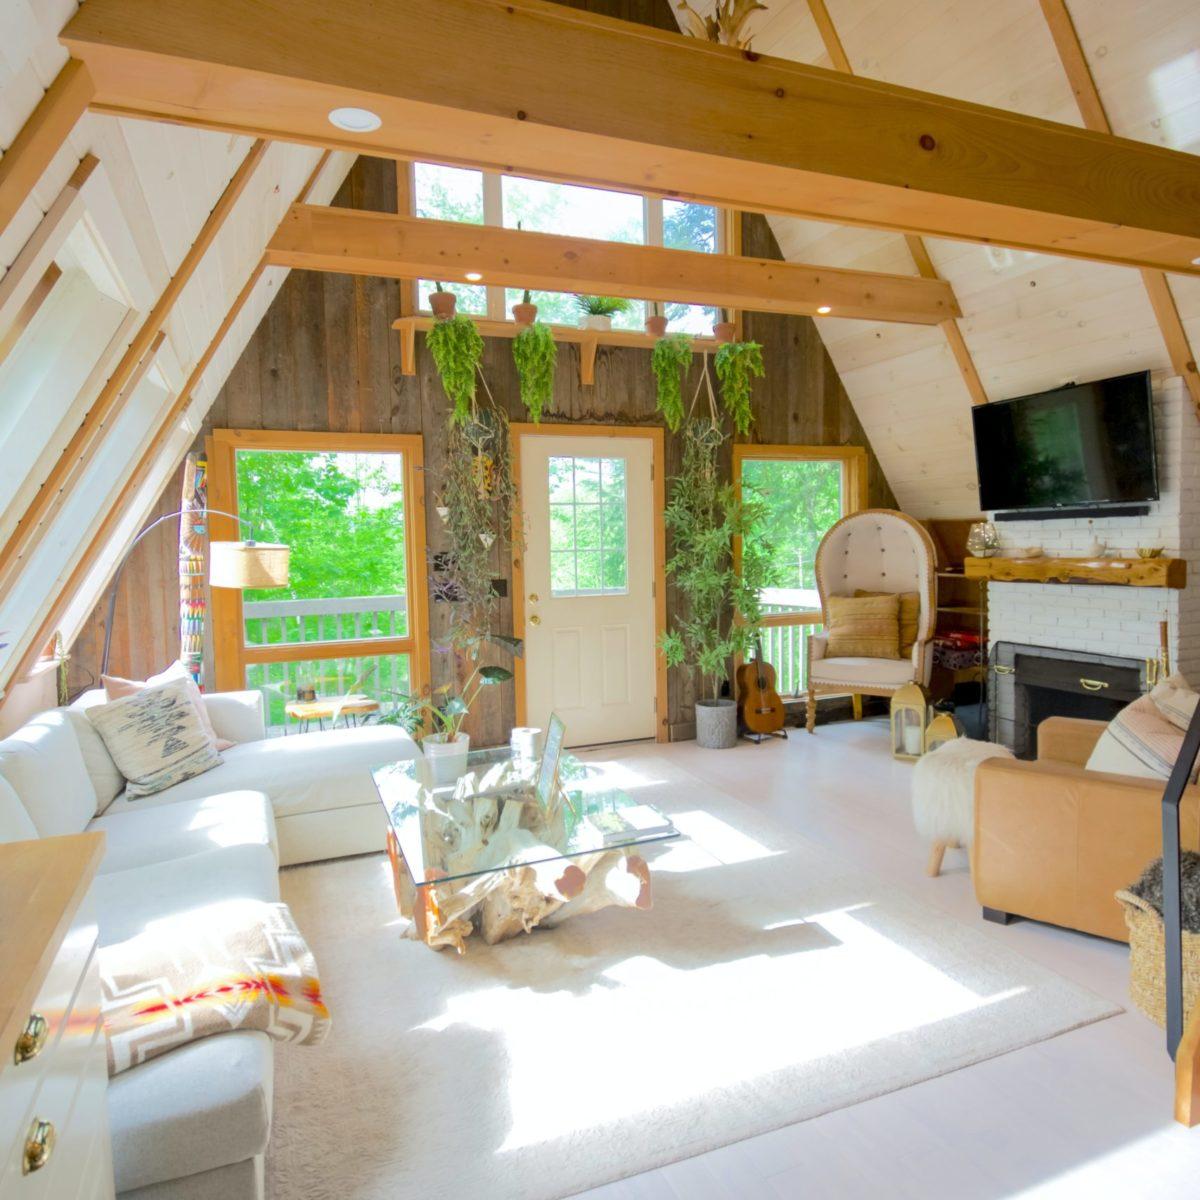 Foto eines Wohnzimmers mit Blick ins Grüne